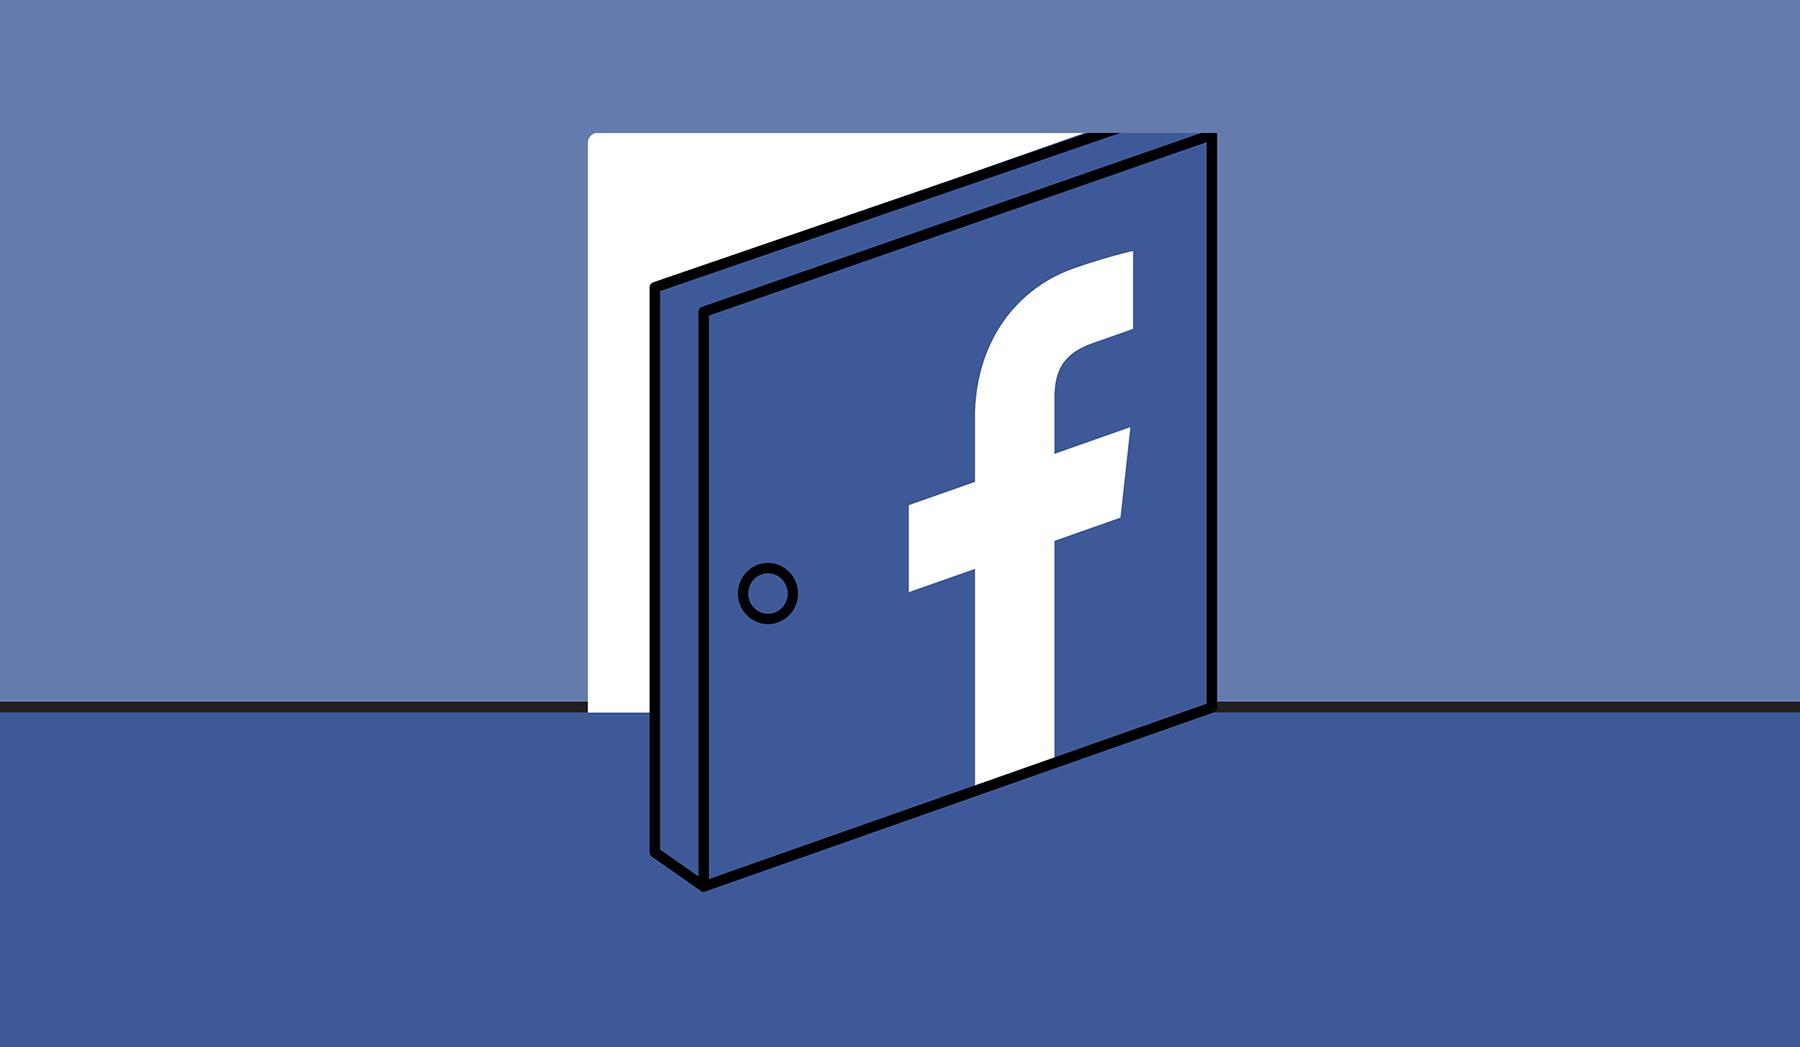 Come mettere la pagina Facebook in spagnolo 2